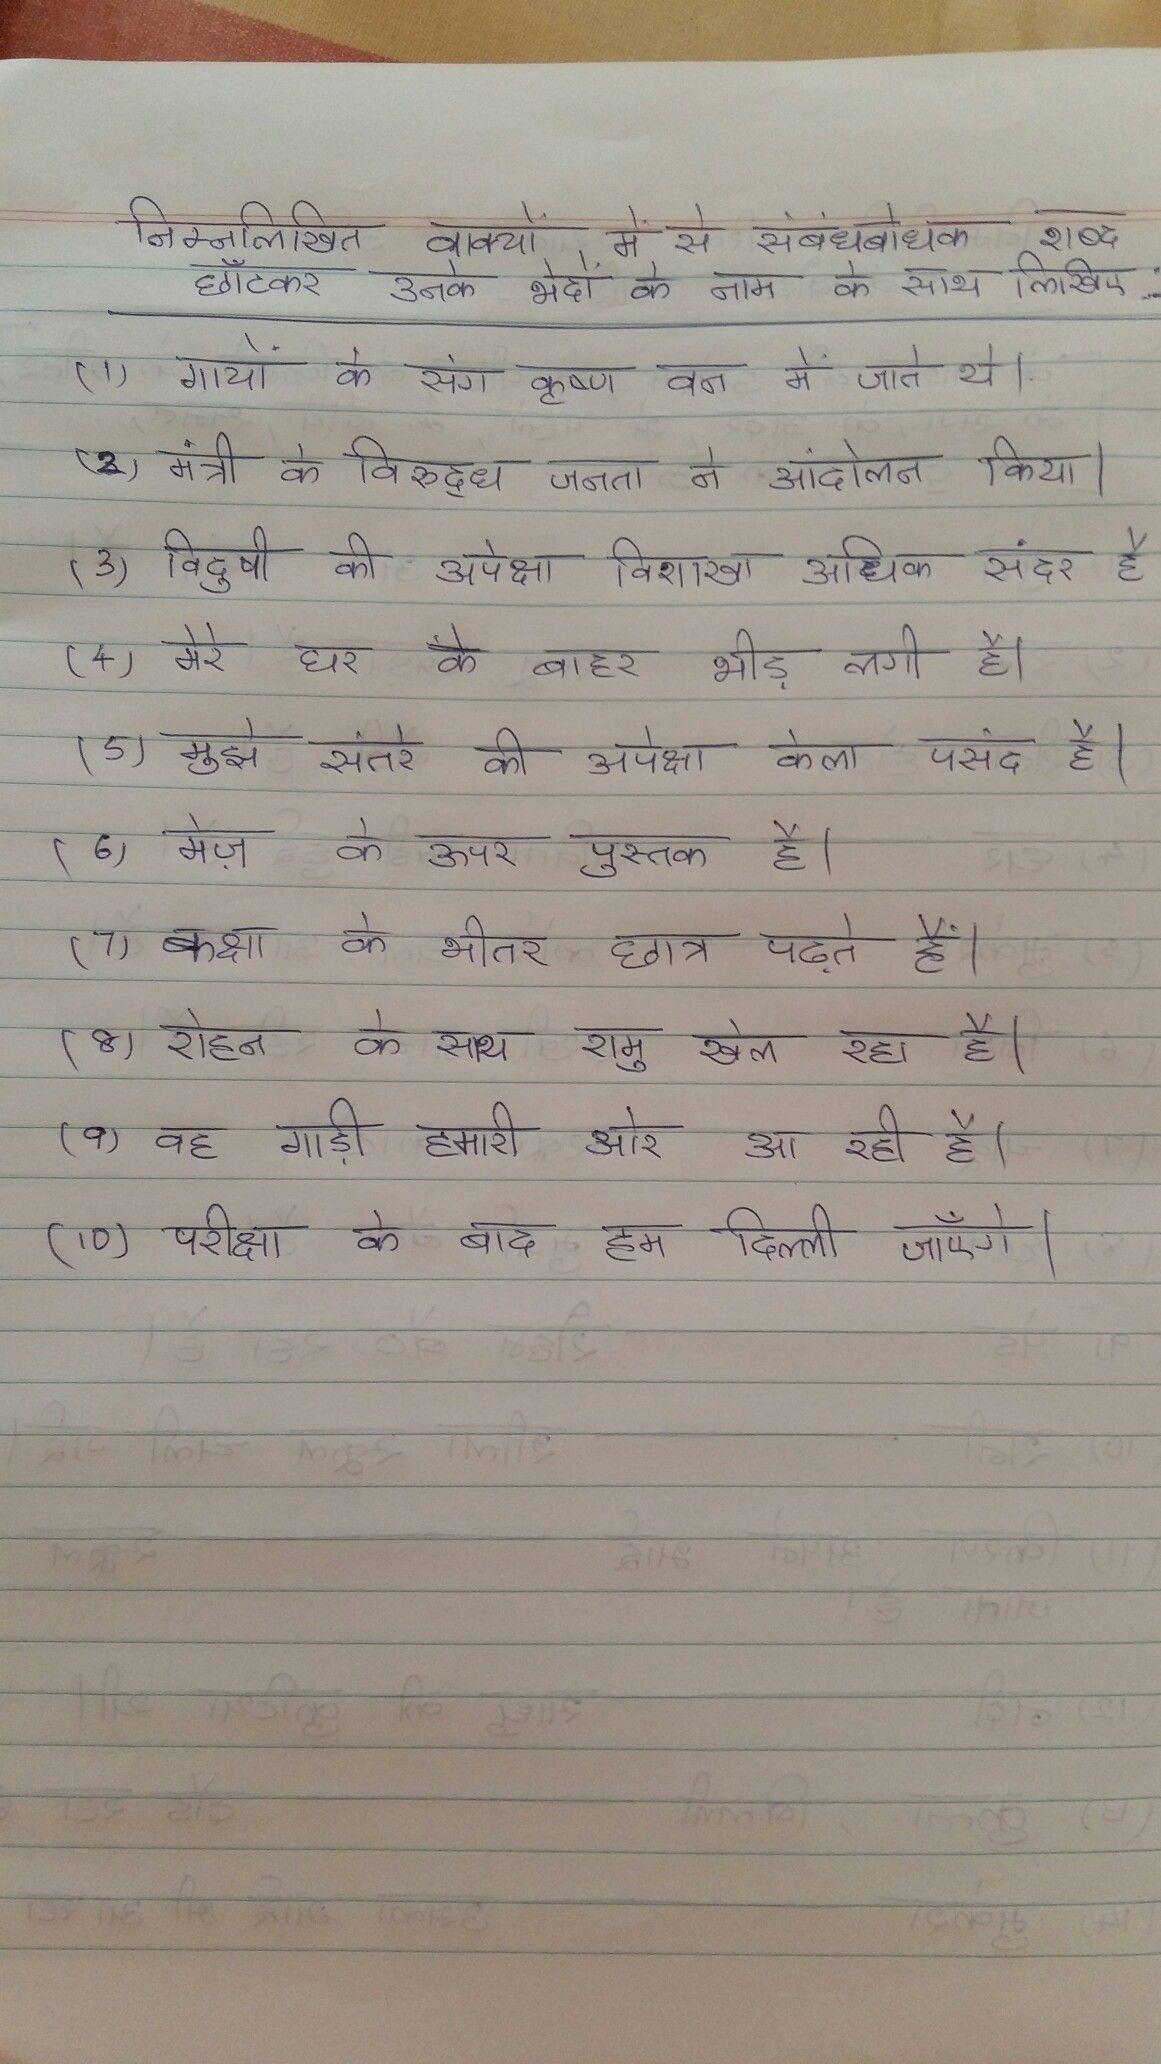 Hindi Grammar Sambandhbodhak Worksheet 1